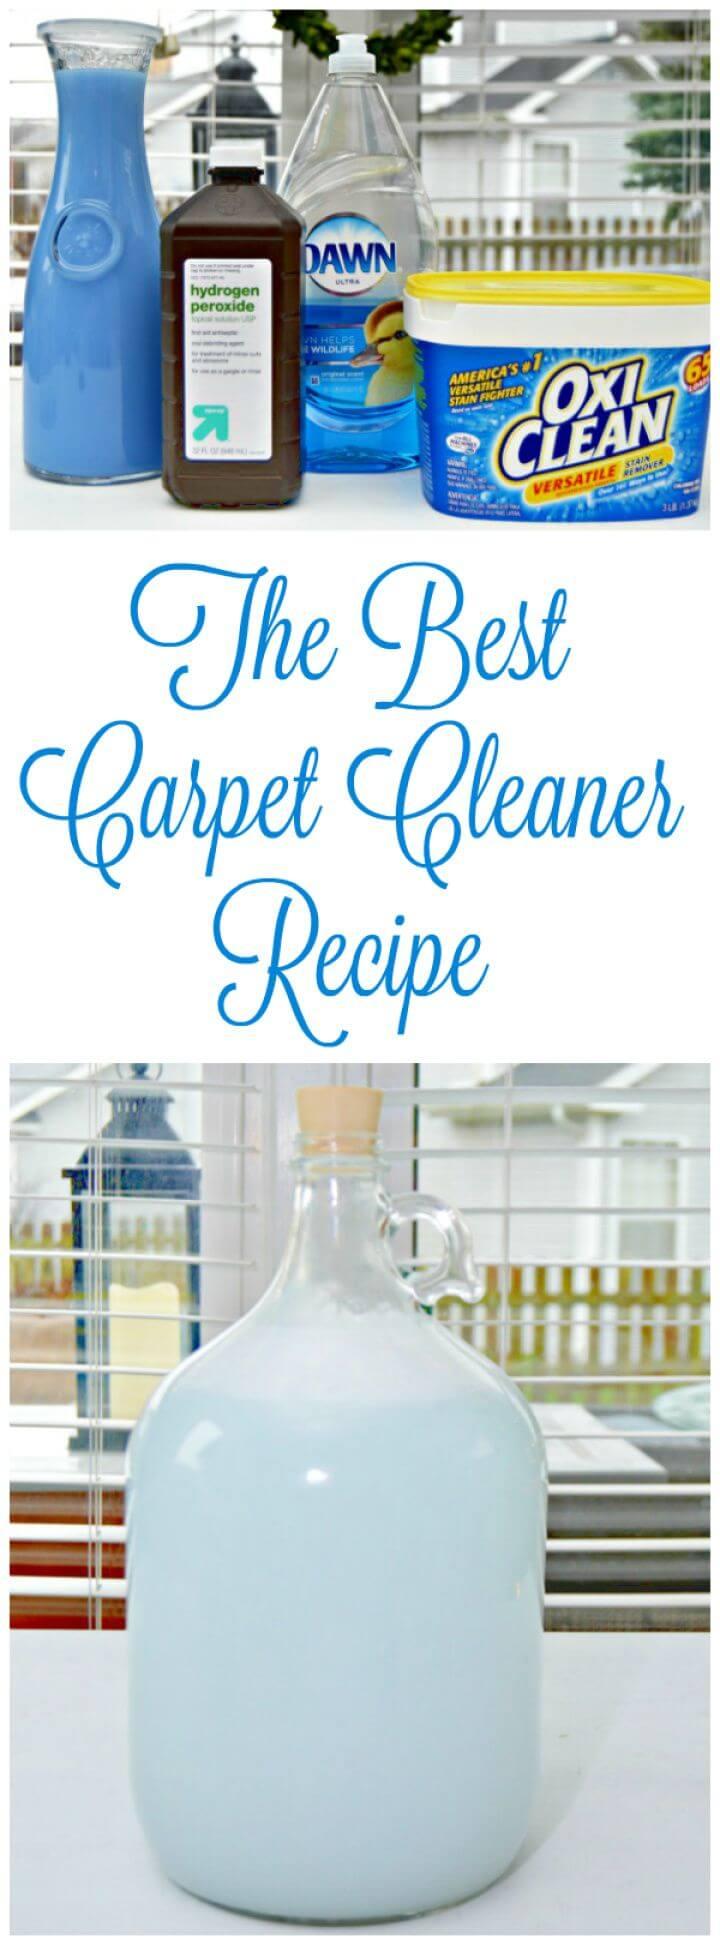 Best Carpet Cleaner Recipe